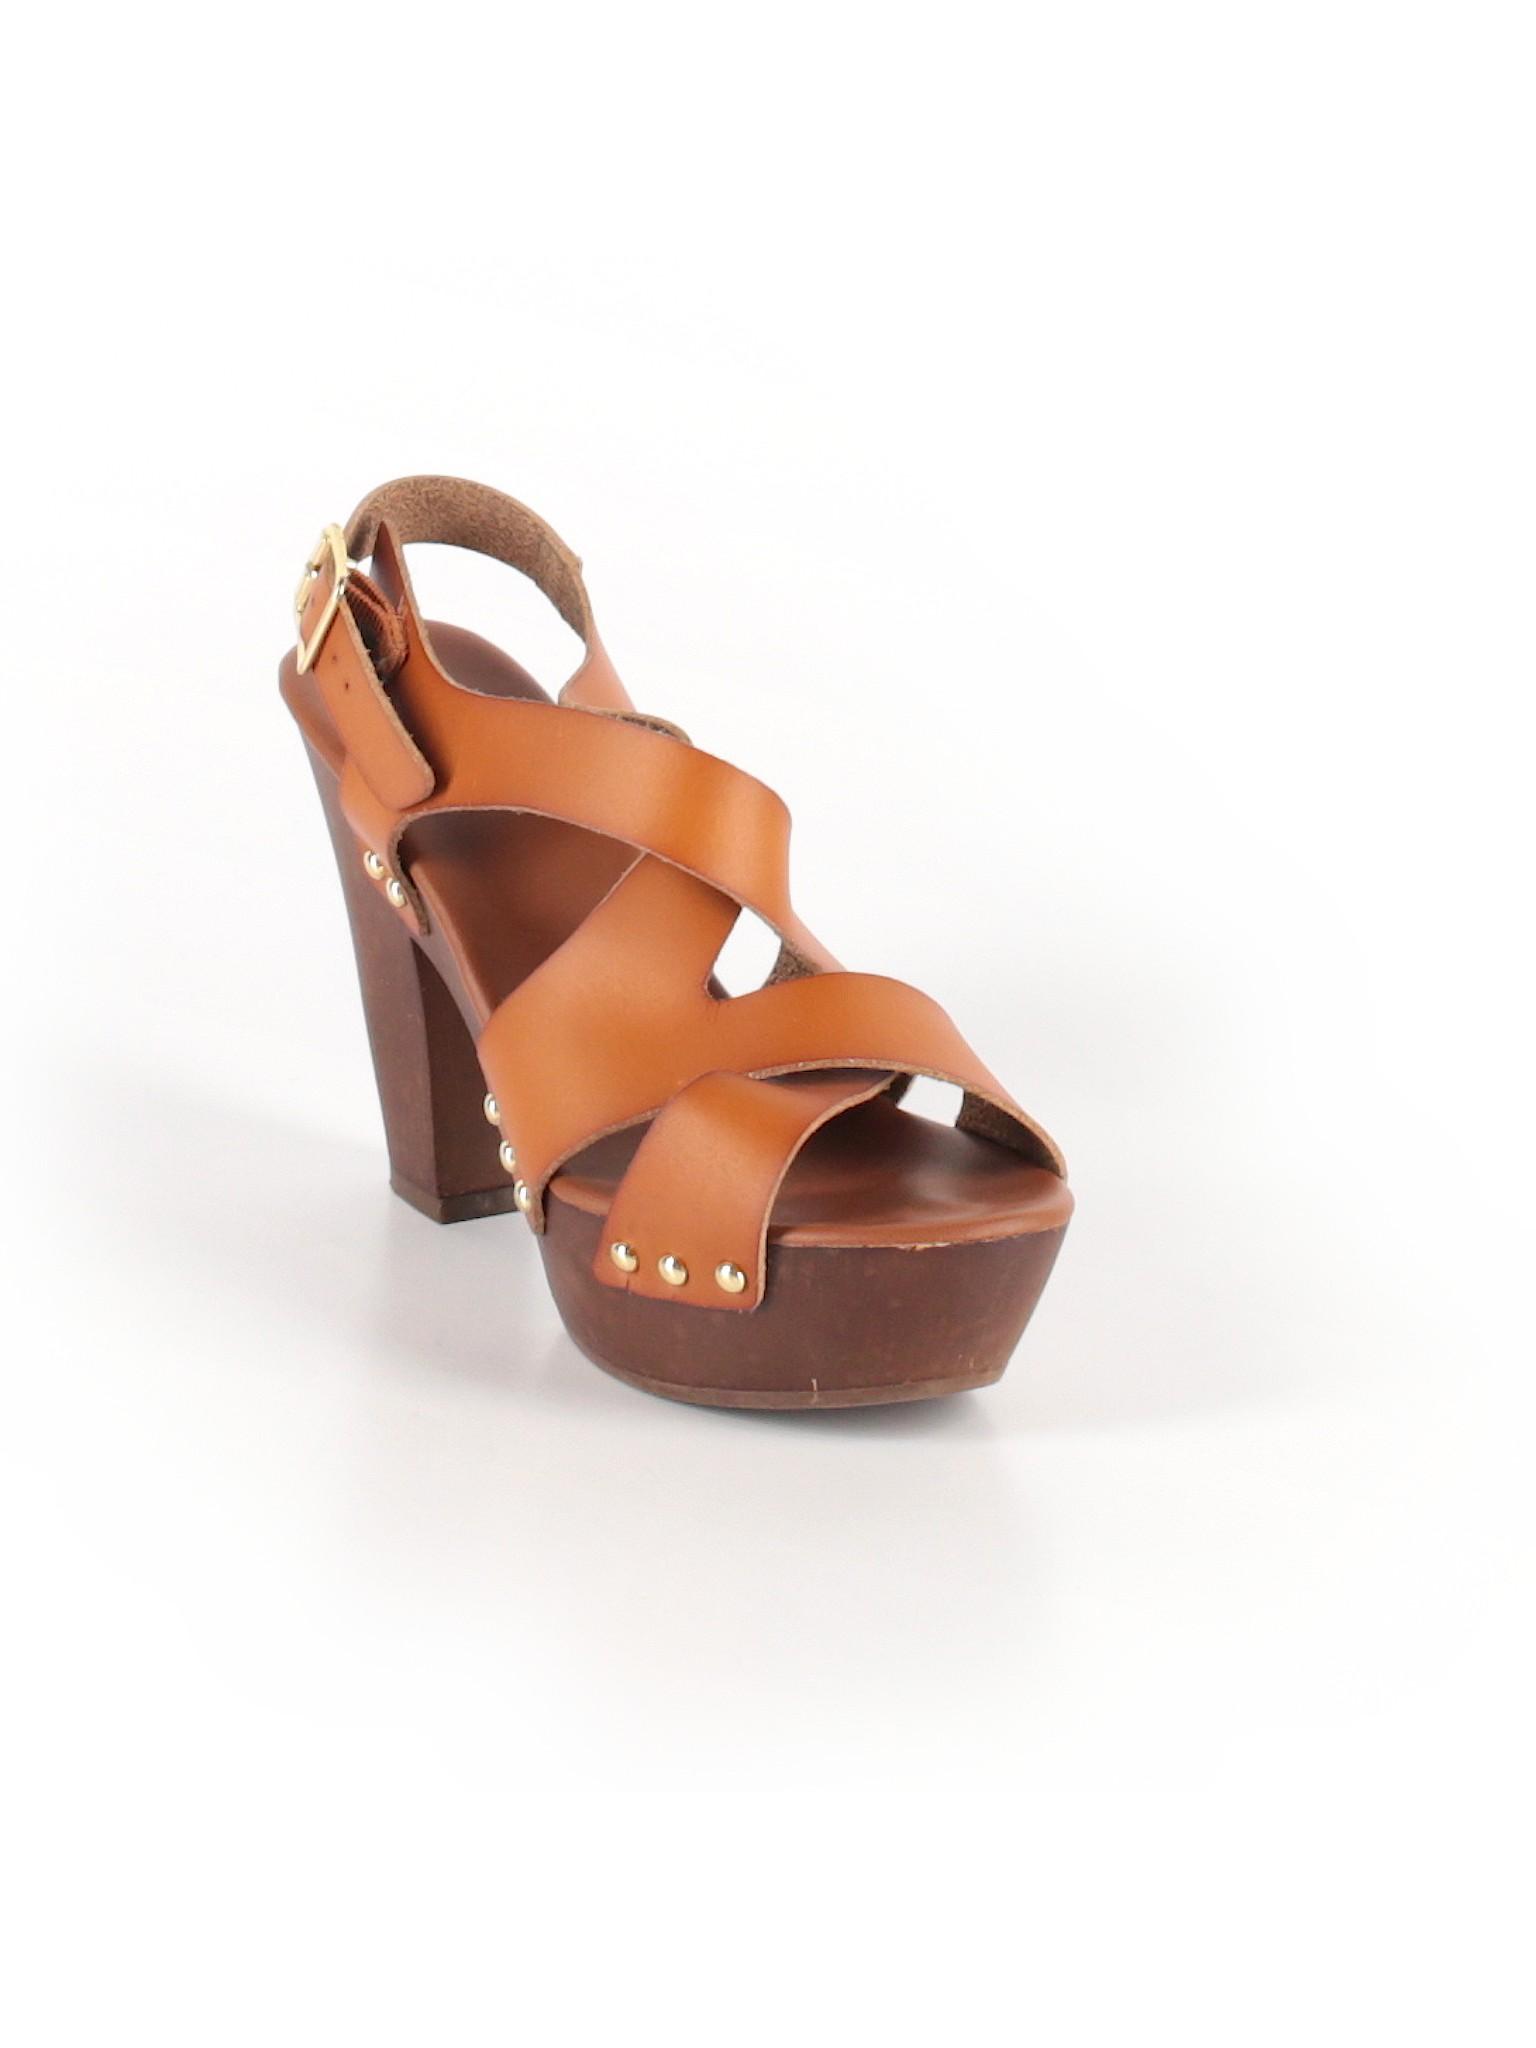 Boutique Boutique promotion Candie's Heels Candie's promotion Boutique Heels Candie's promotion Boutique Heels Cq7tag